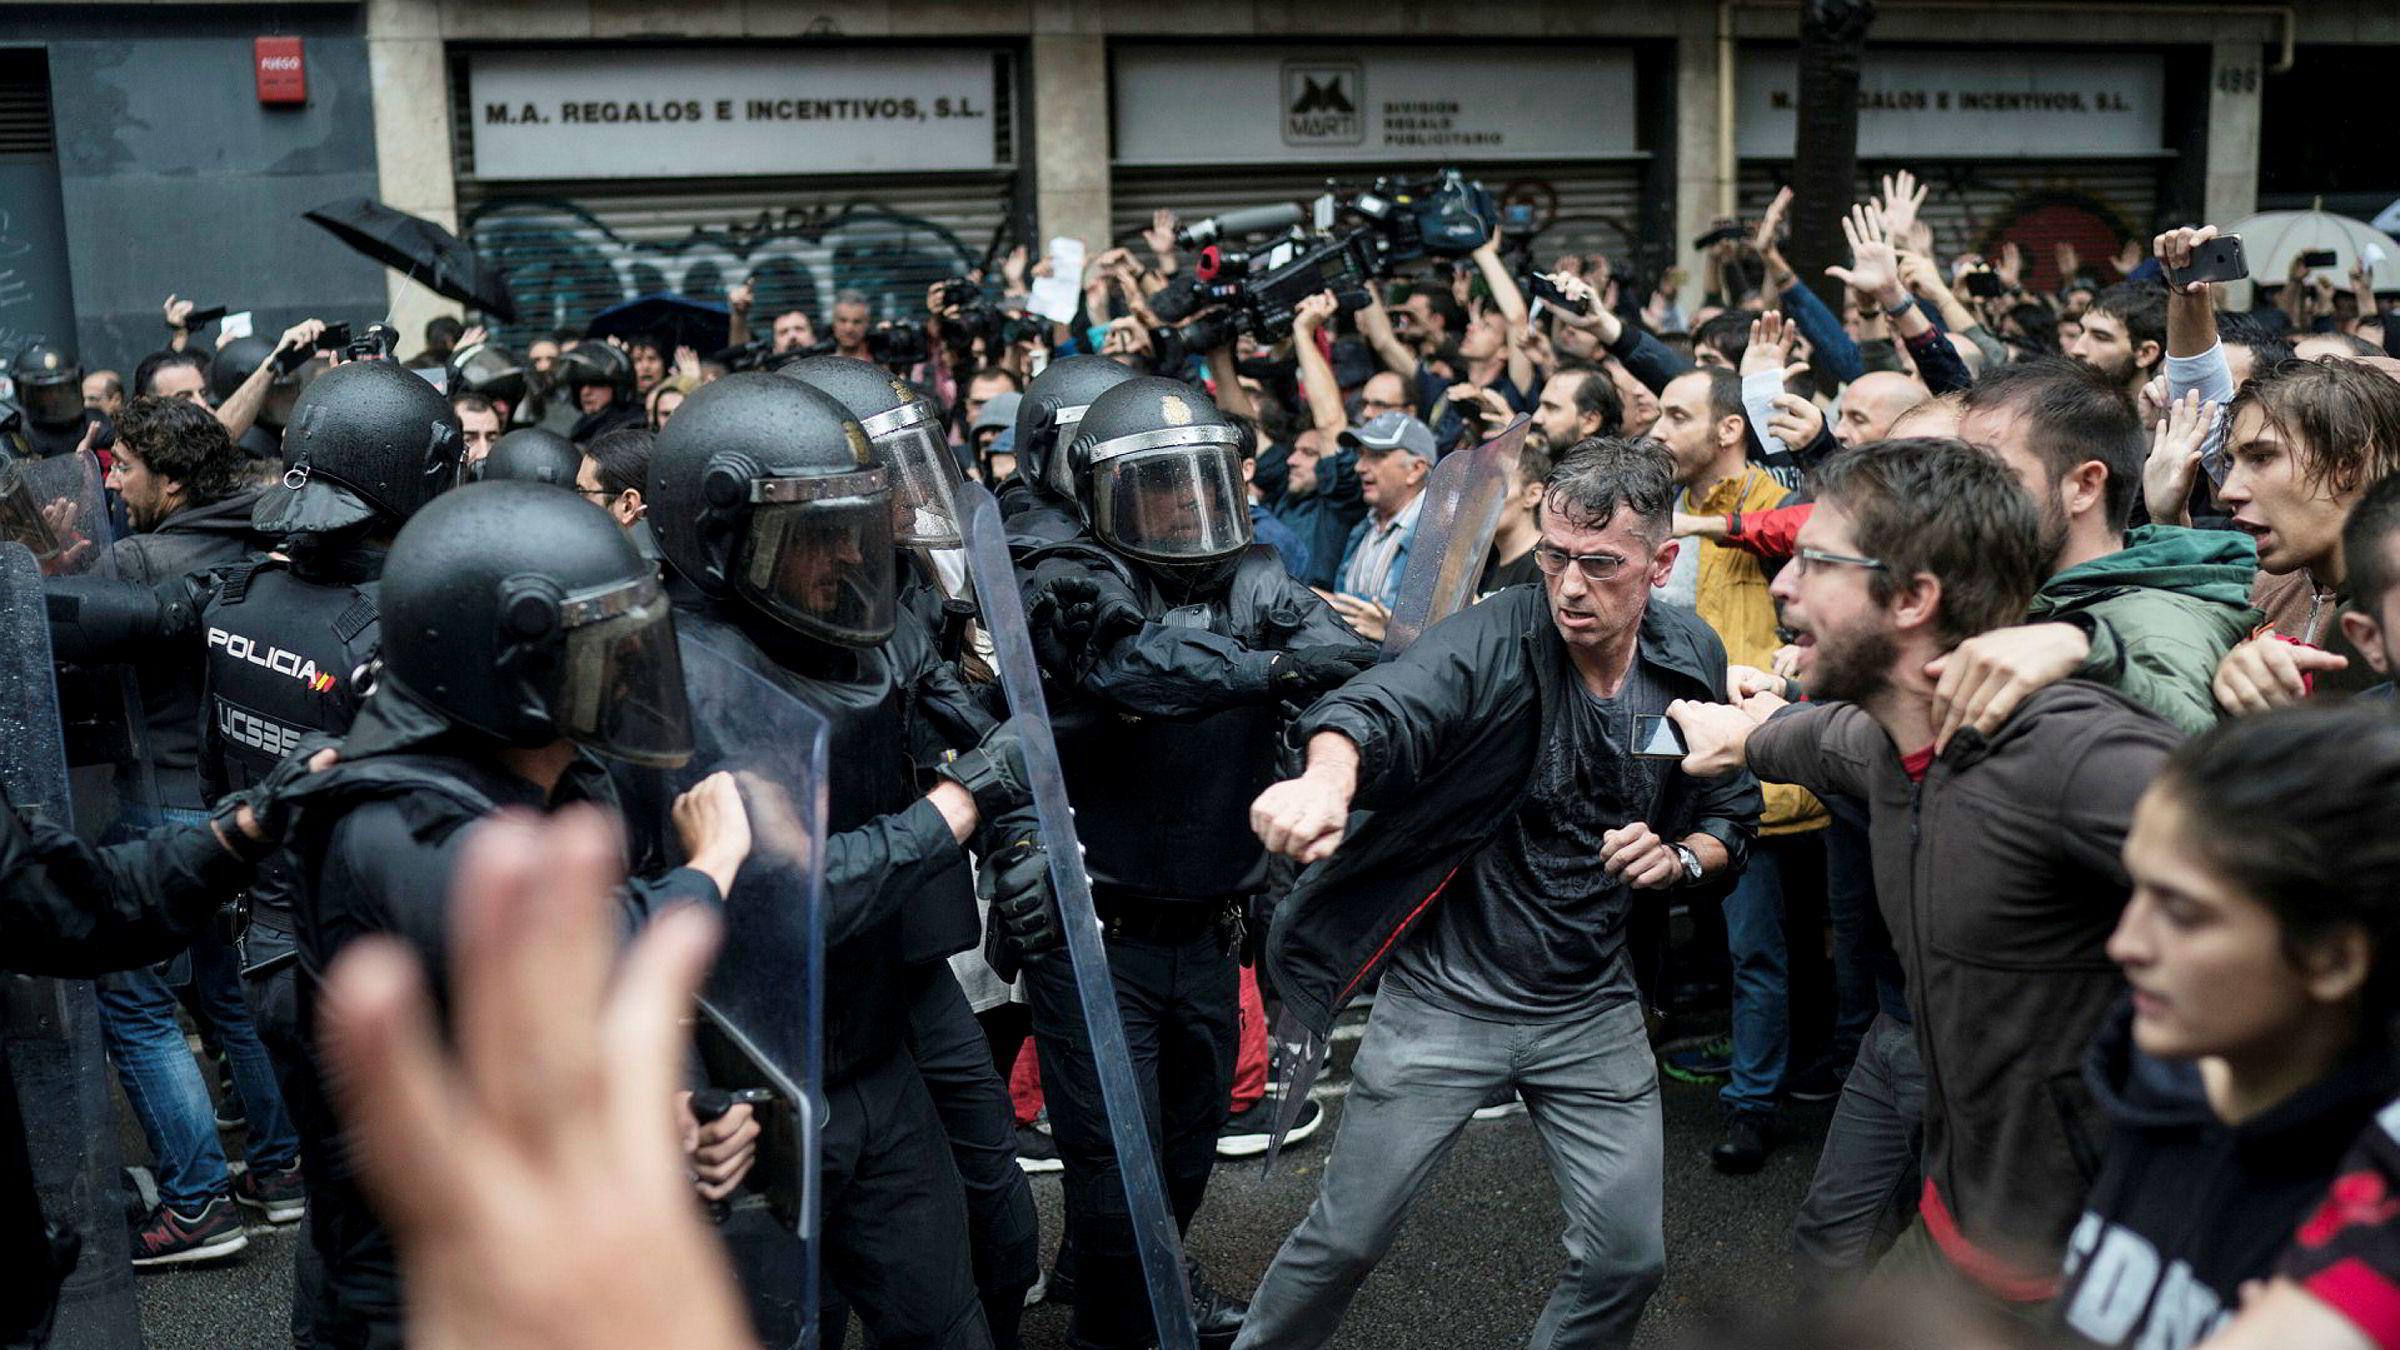 Den stadig mer opphissede situasjonen i Catalonia, risikerer å skape problemer også i andre europeiske land med regioner som er lite velvillige til sentralmakten, mener artikkelforfatteren.